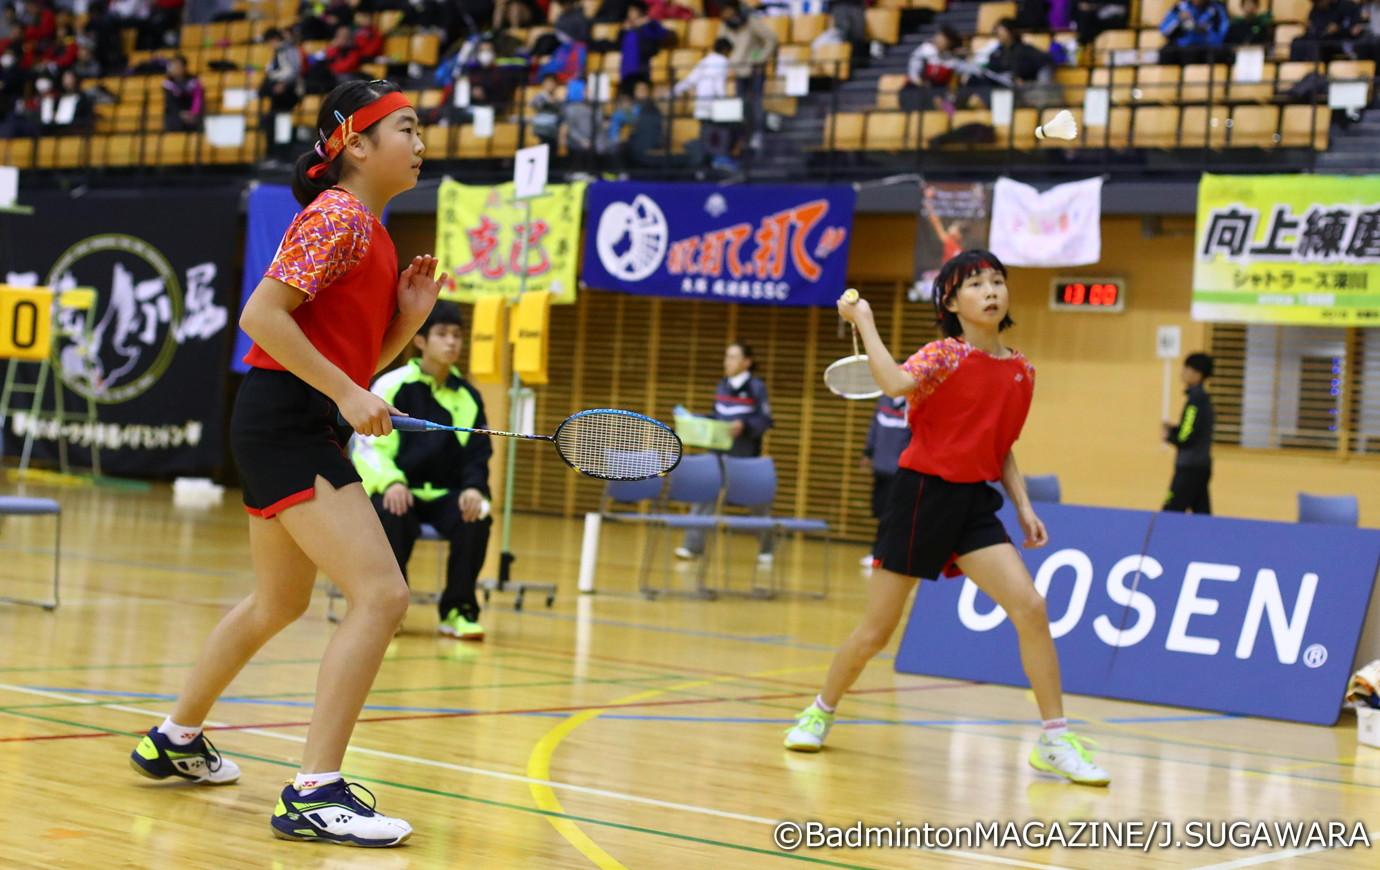 大阪の相磯(右)/高口は決勝こそ敗れたが、それまでは全勝を収めてチームに大きく貢献